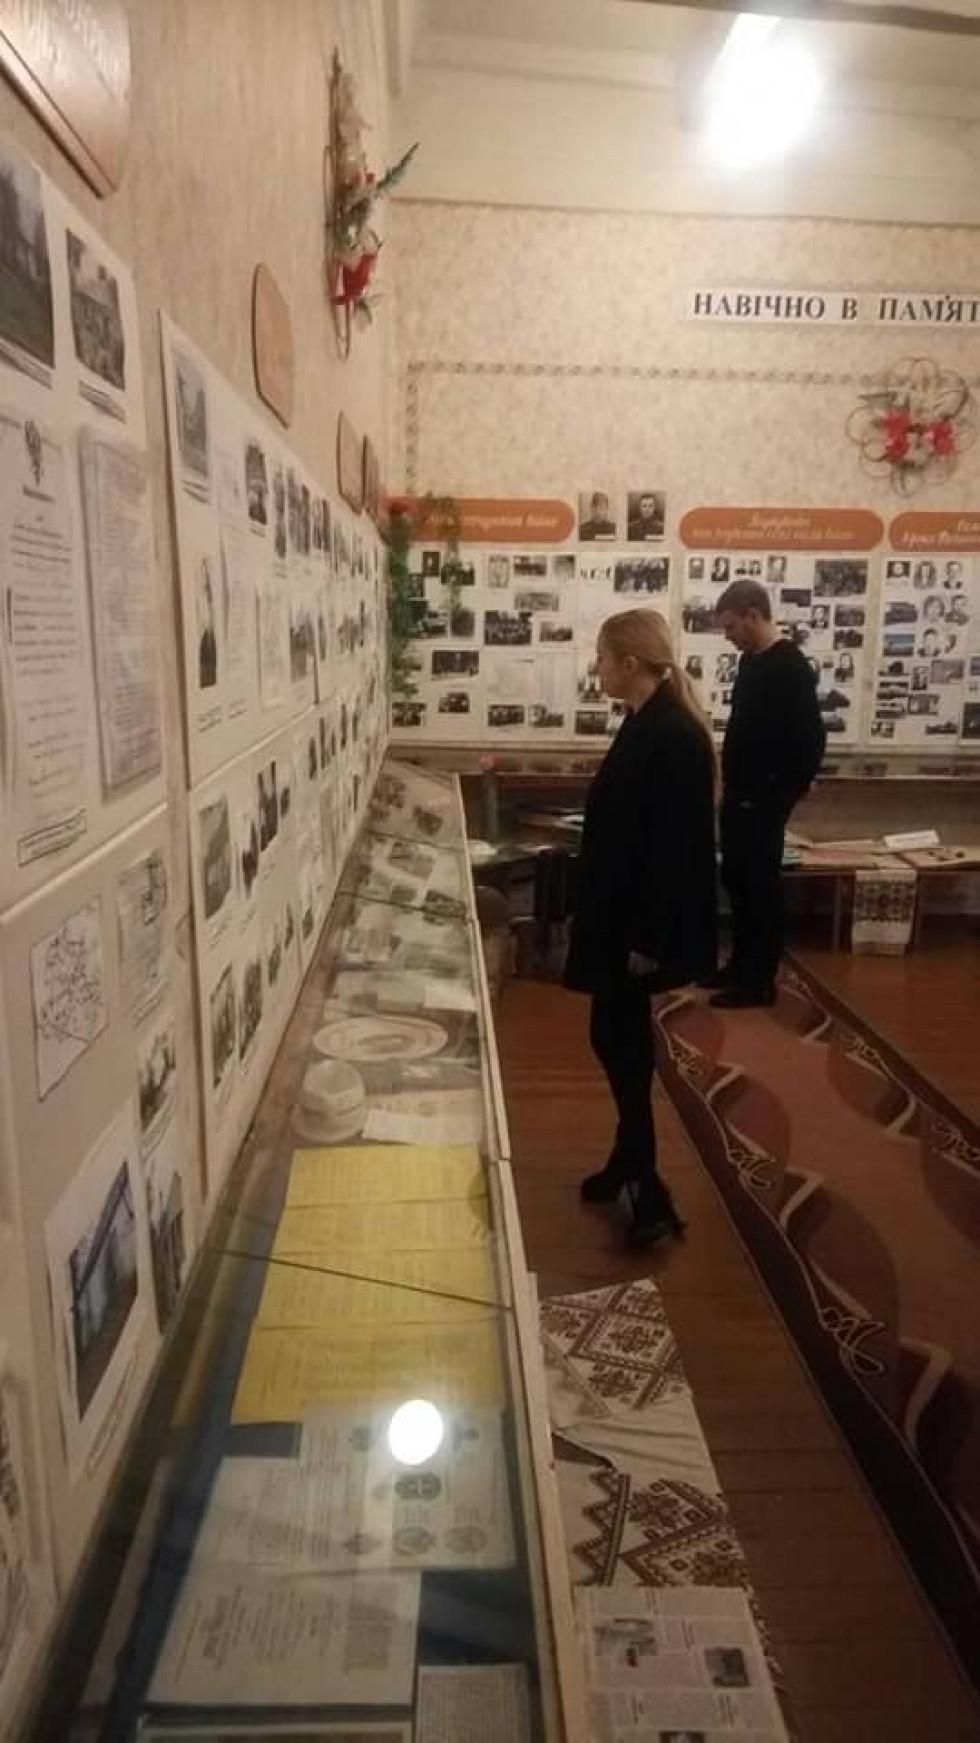 Найбільше враження на відомих гостей справив єдиний в Україні музей солом'яного мистецтва«Солом'яне диво»